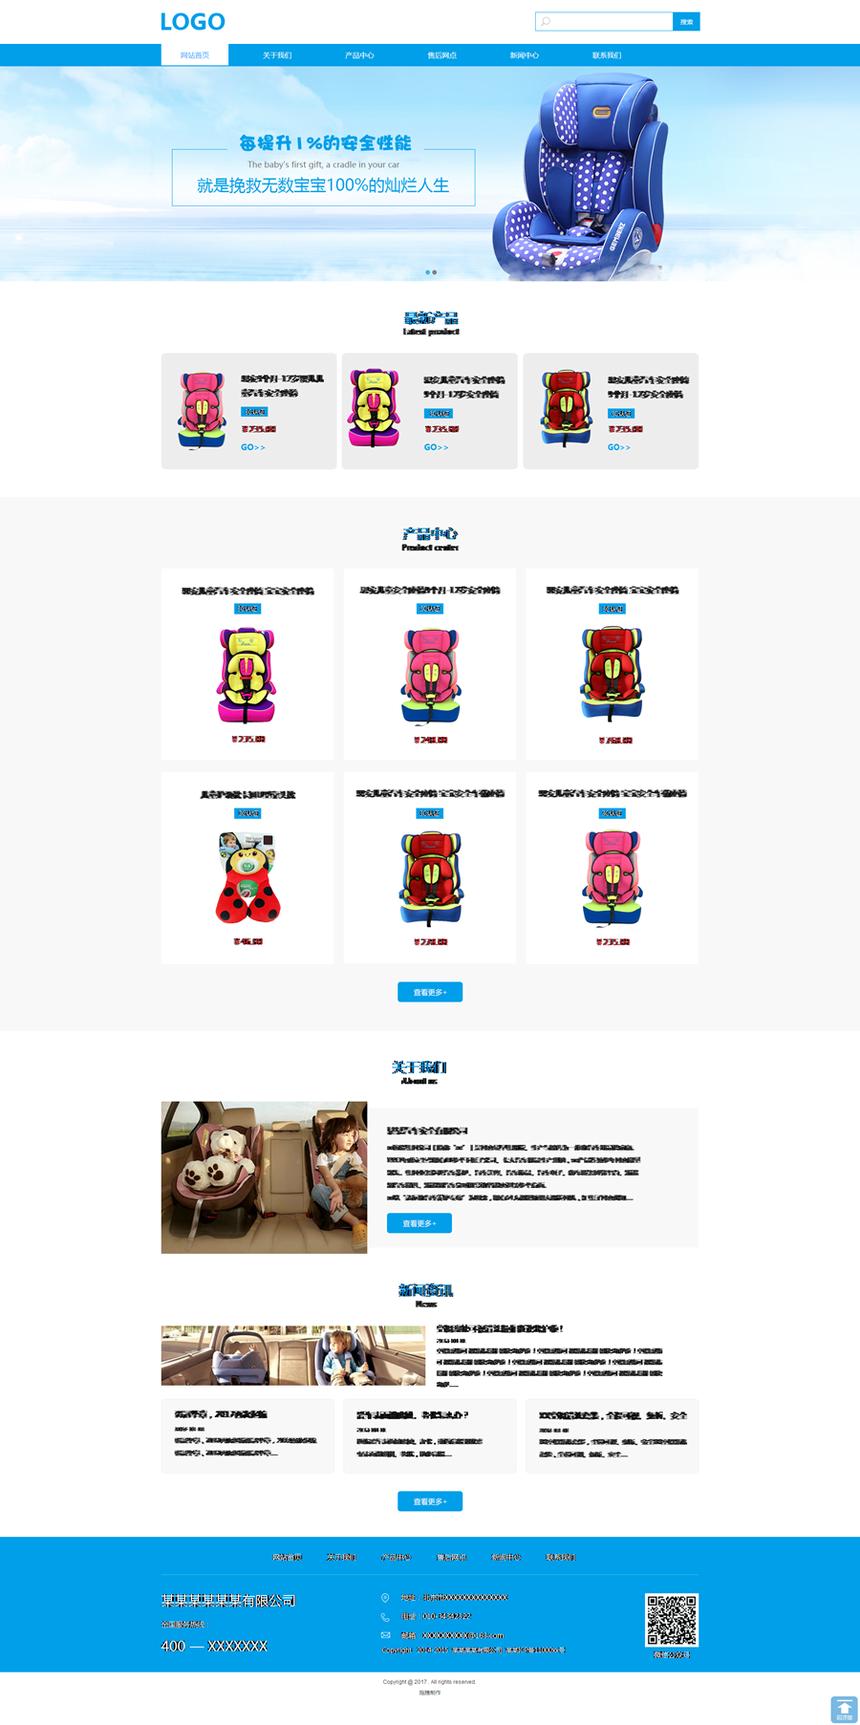 TJ_951 婴幼儿用品网站建设.png